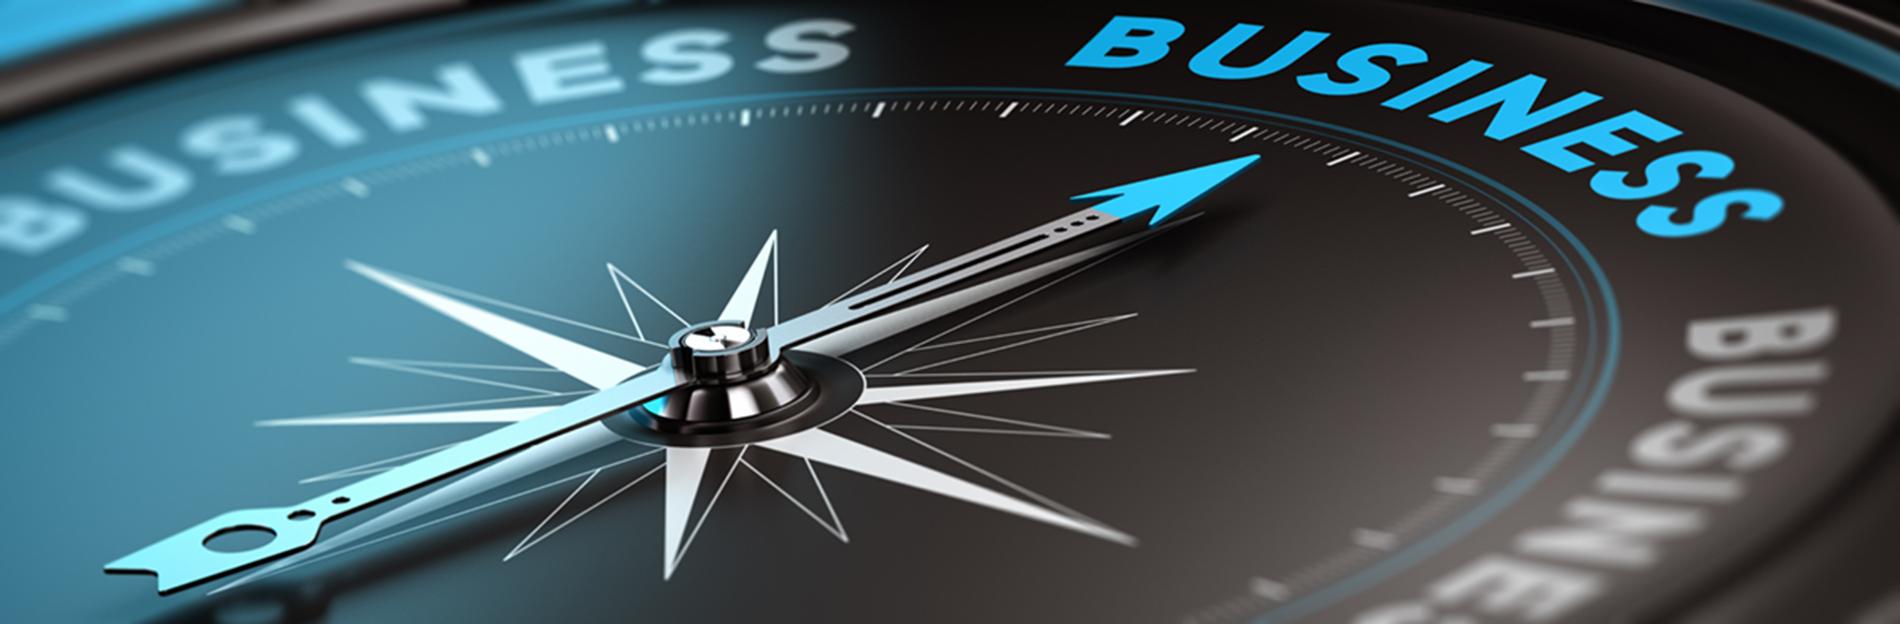 Business Opportunities - Compass